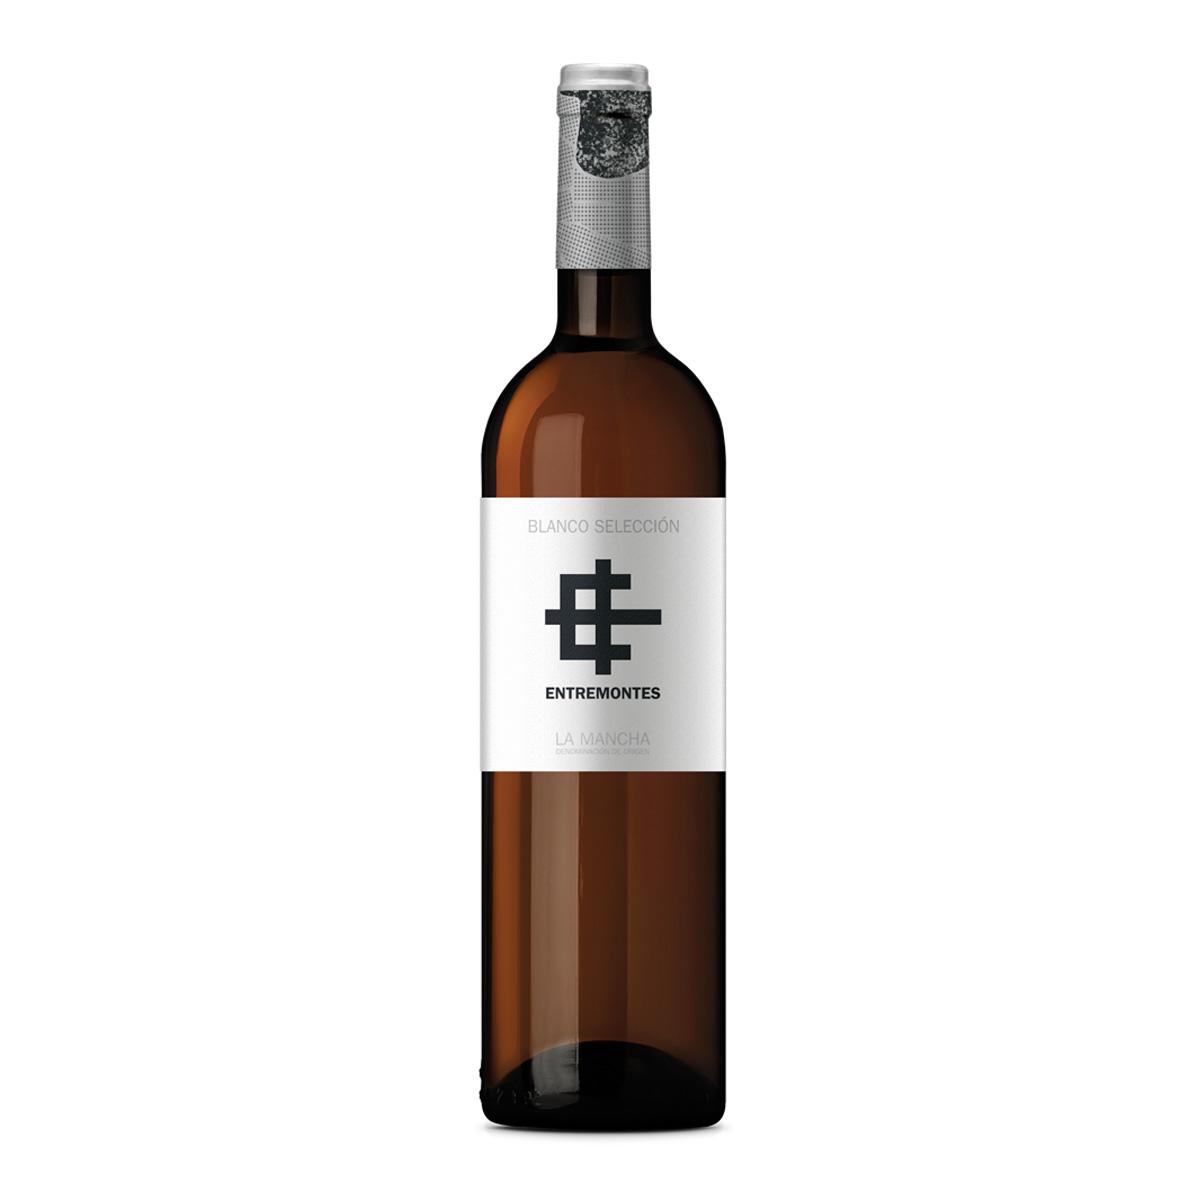 西班牙ENTREMONTES BLANCO SELECCIÓN 有机干红葡萄酒